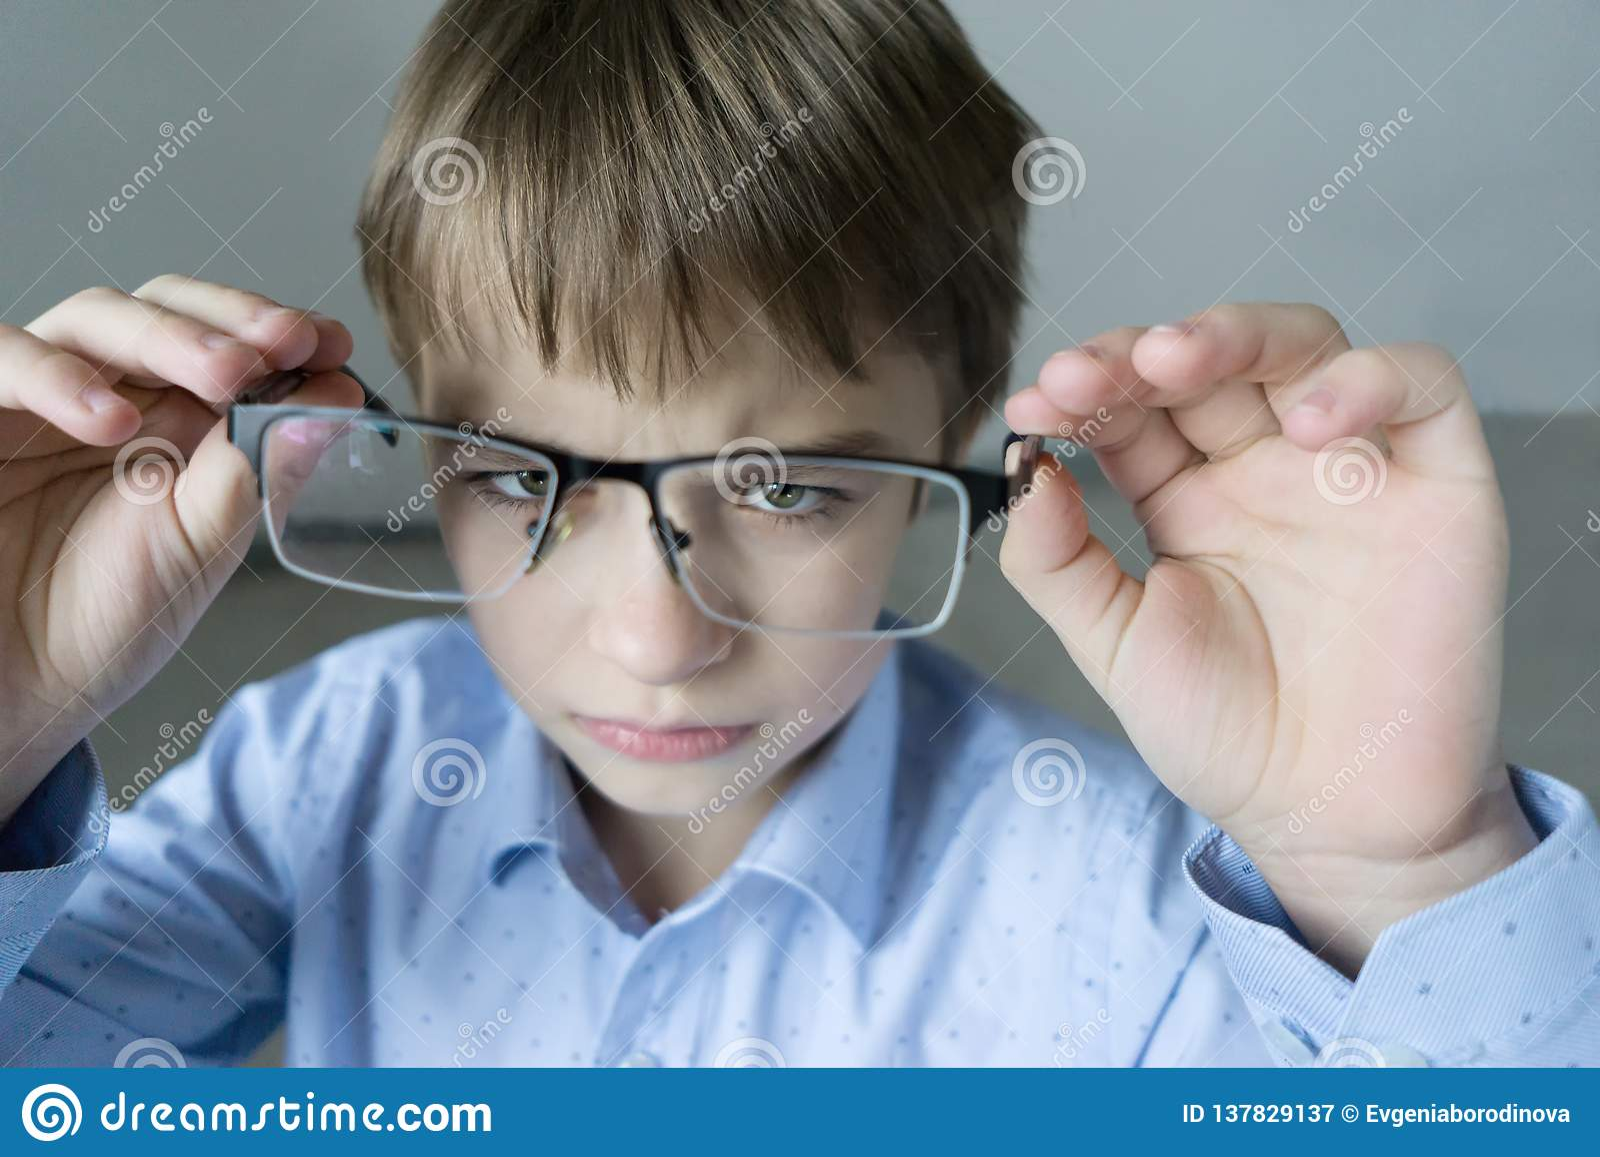 Un ragazzo di 9 anni in una camicia blu con i vetri controlla la sua vista Insoddisfatto con il fatto che ha prescritto i vetri -